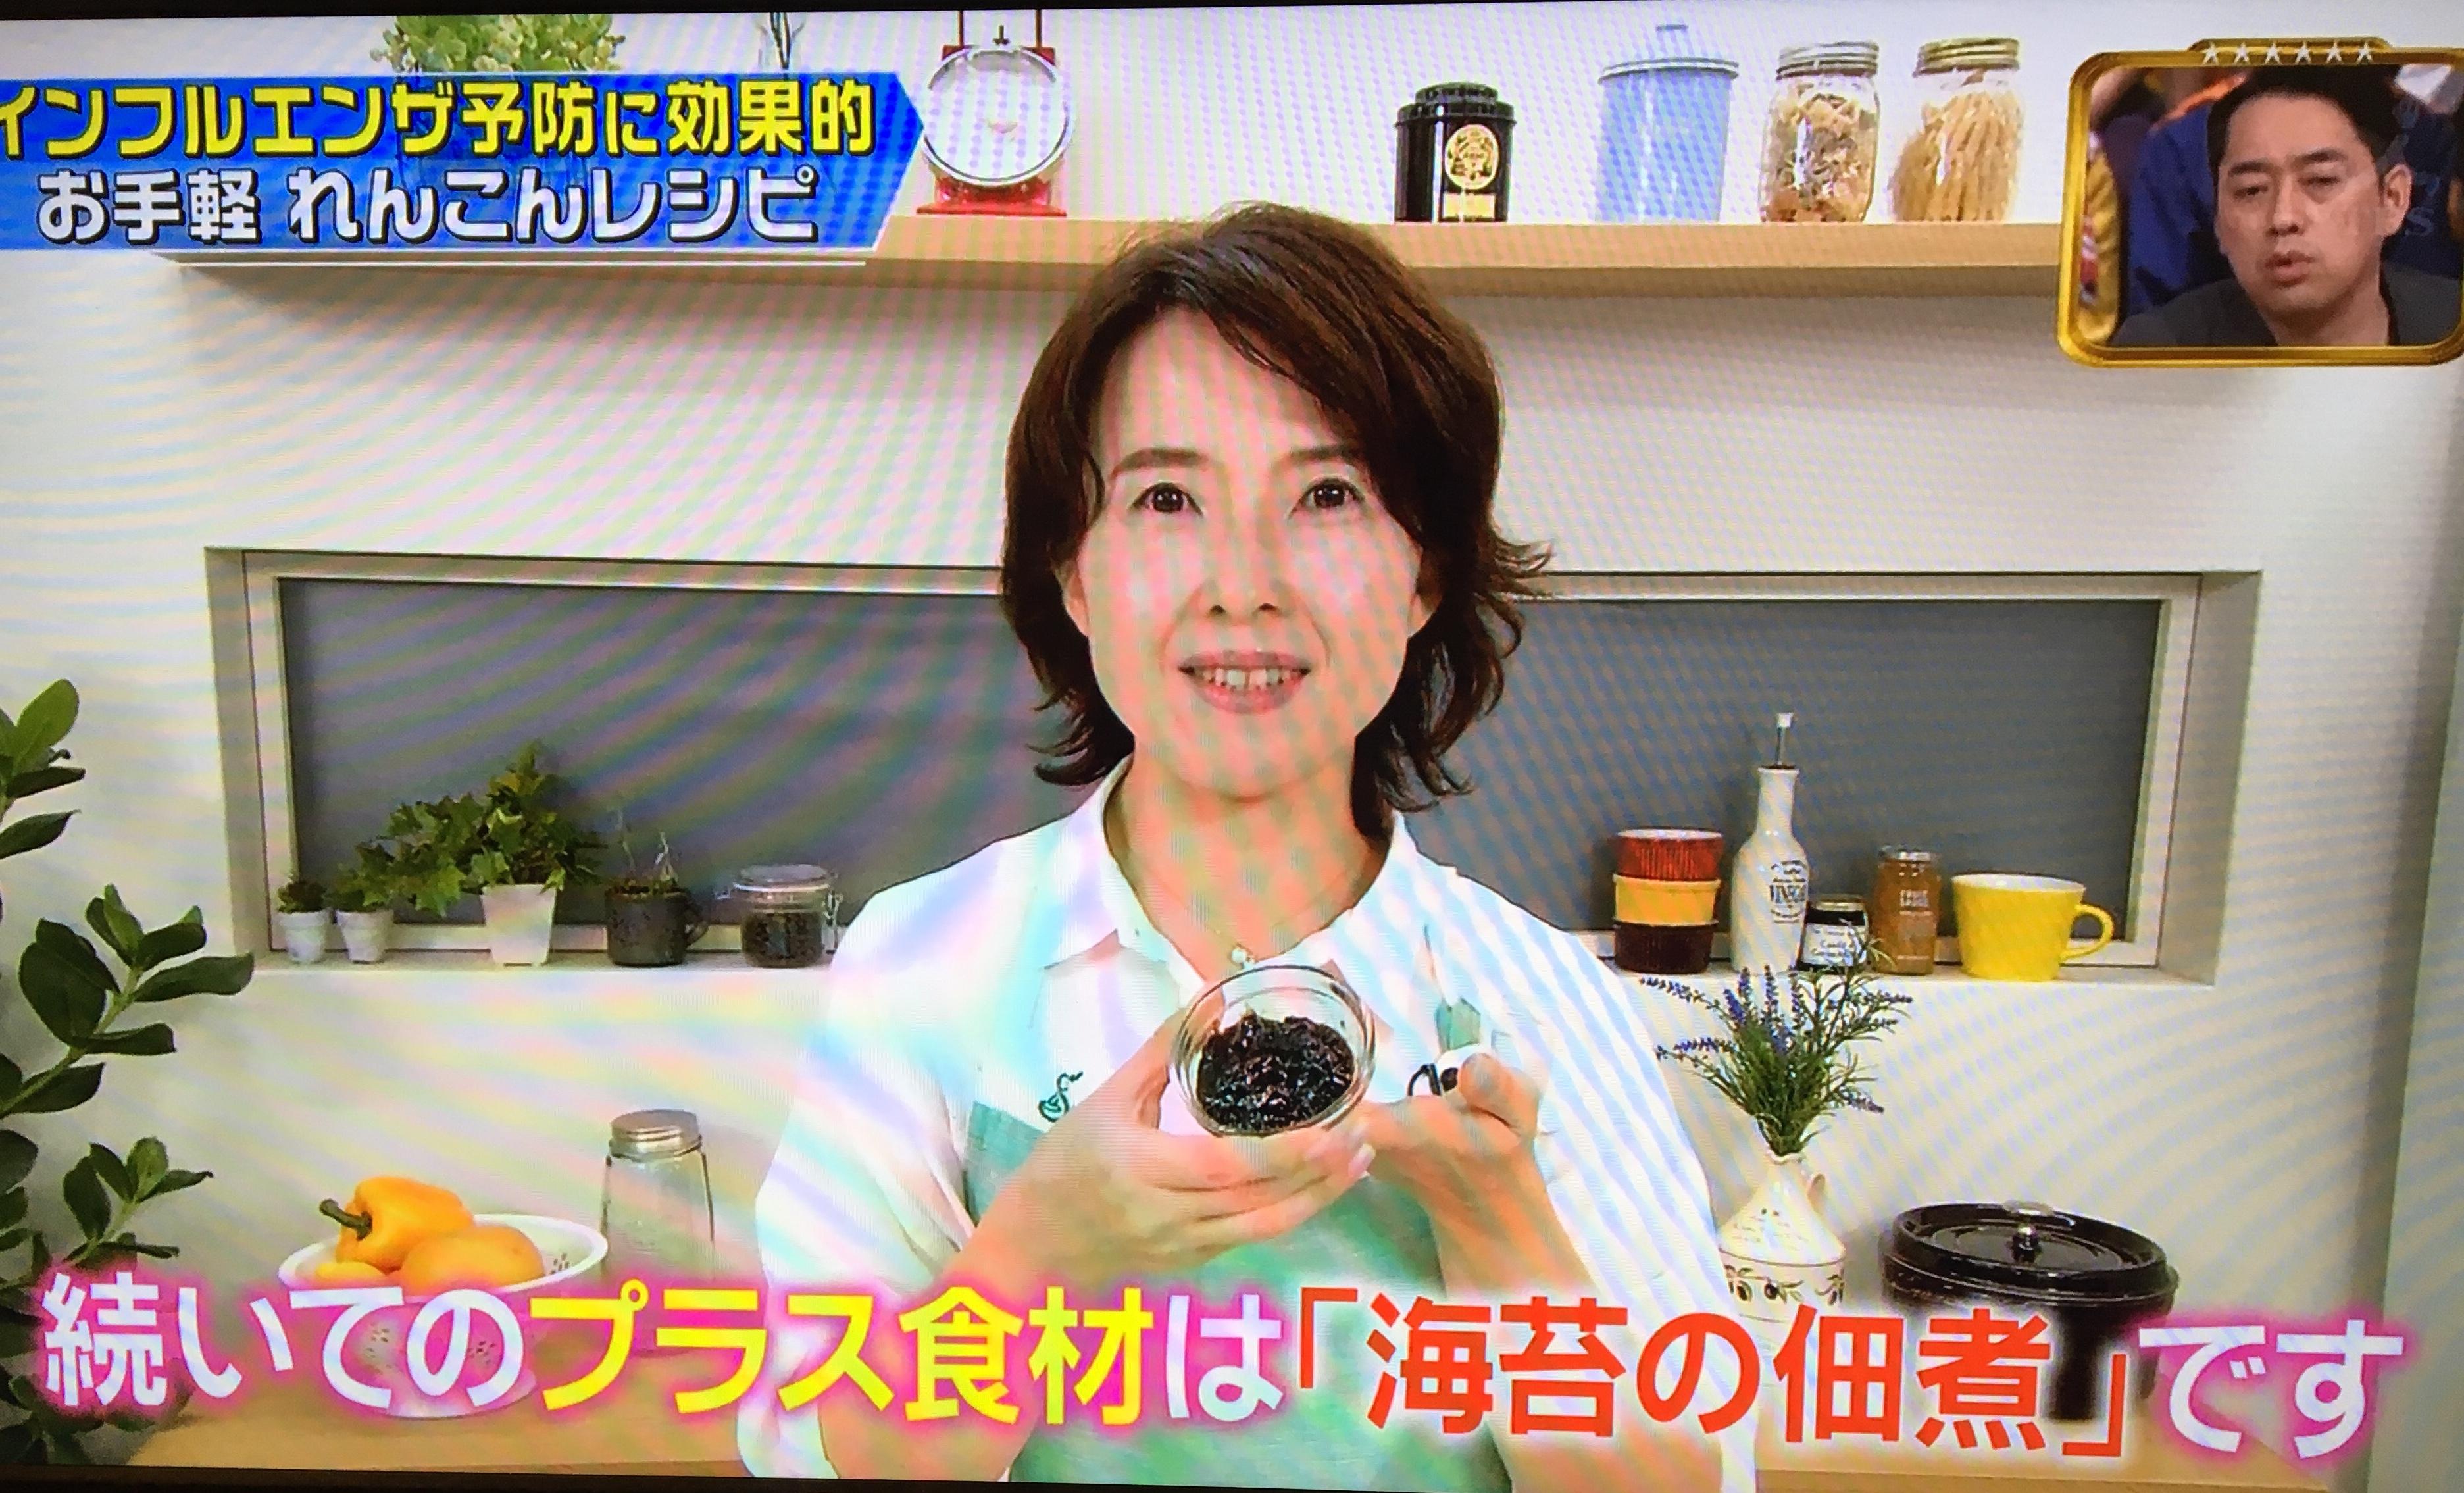 【テレビ出演】TBSジョブチューン「インフルエンザ対策レンコンレシピ」